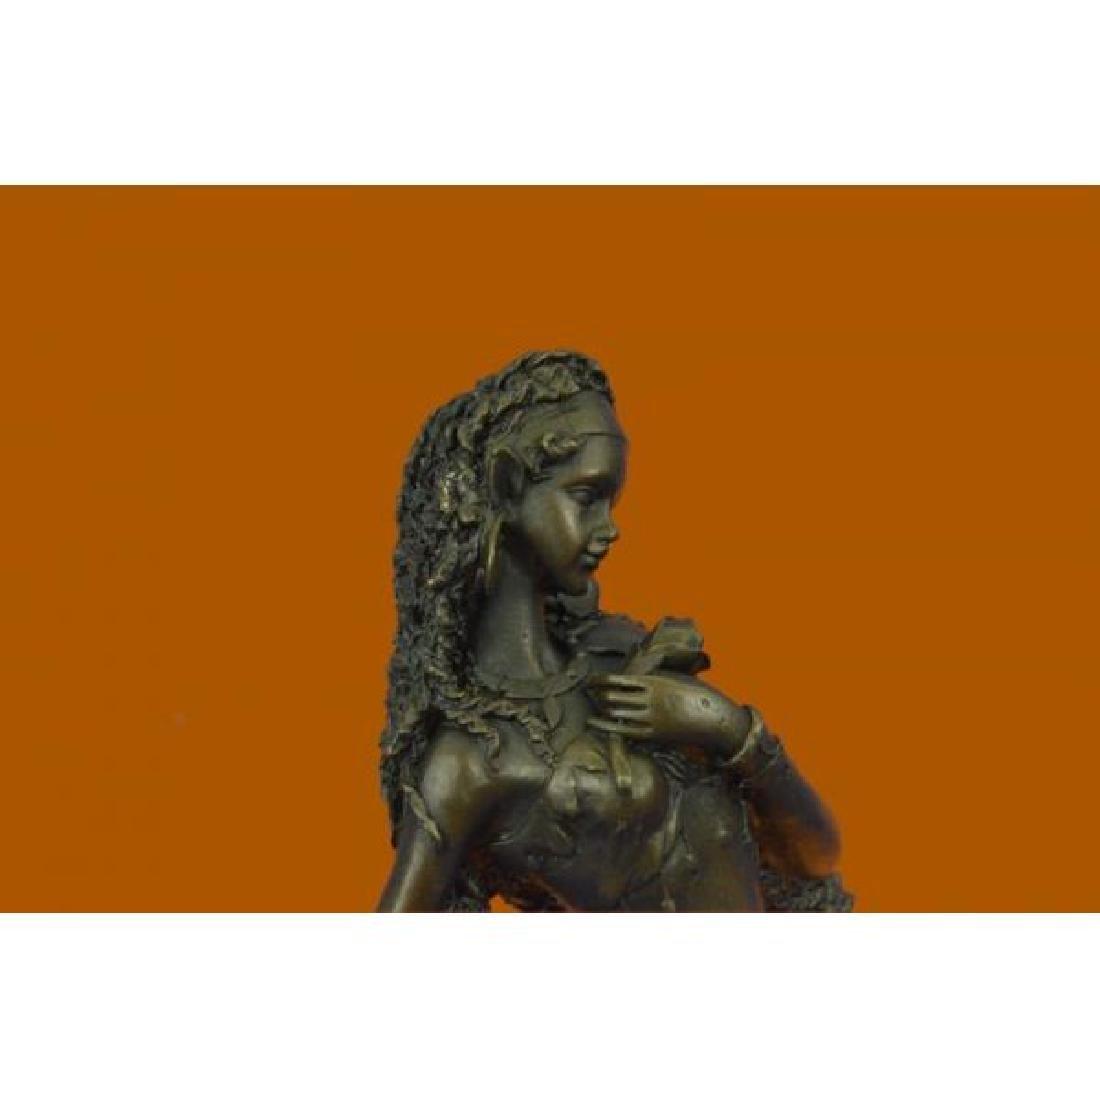 Sexy Nymph Goddess Bronze Sculpture - 5